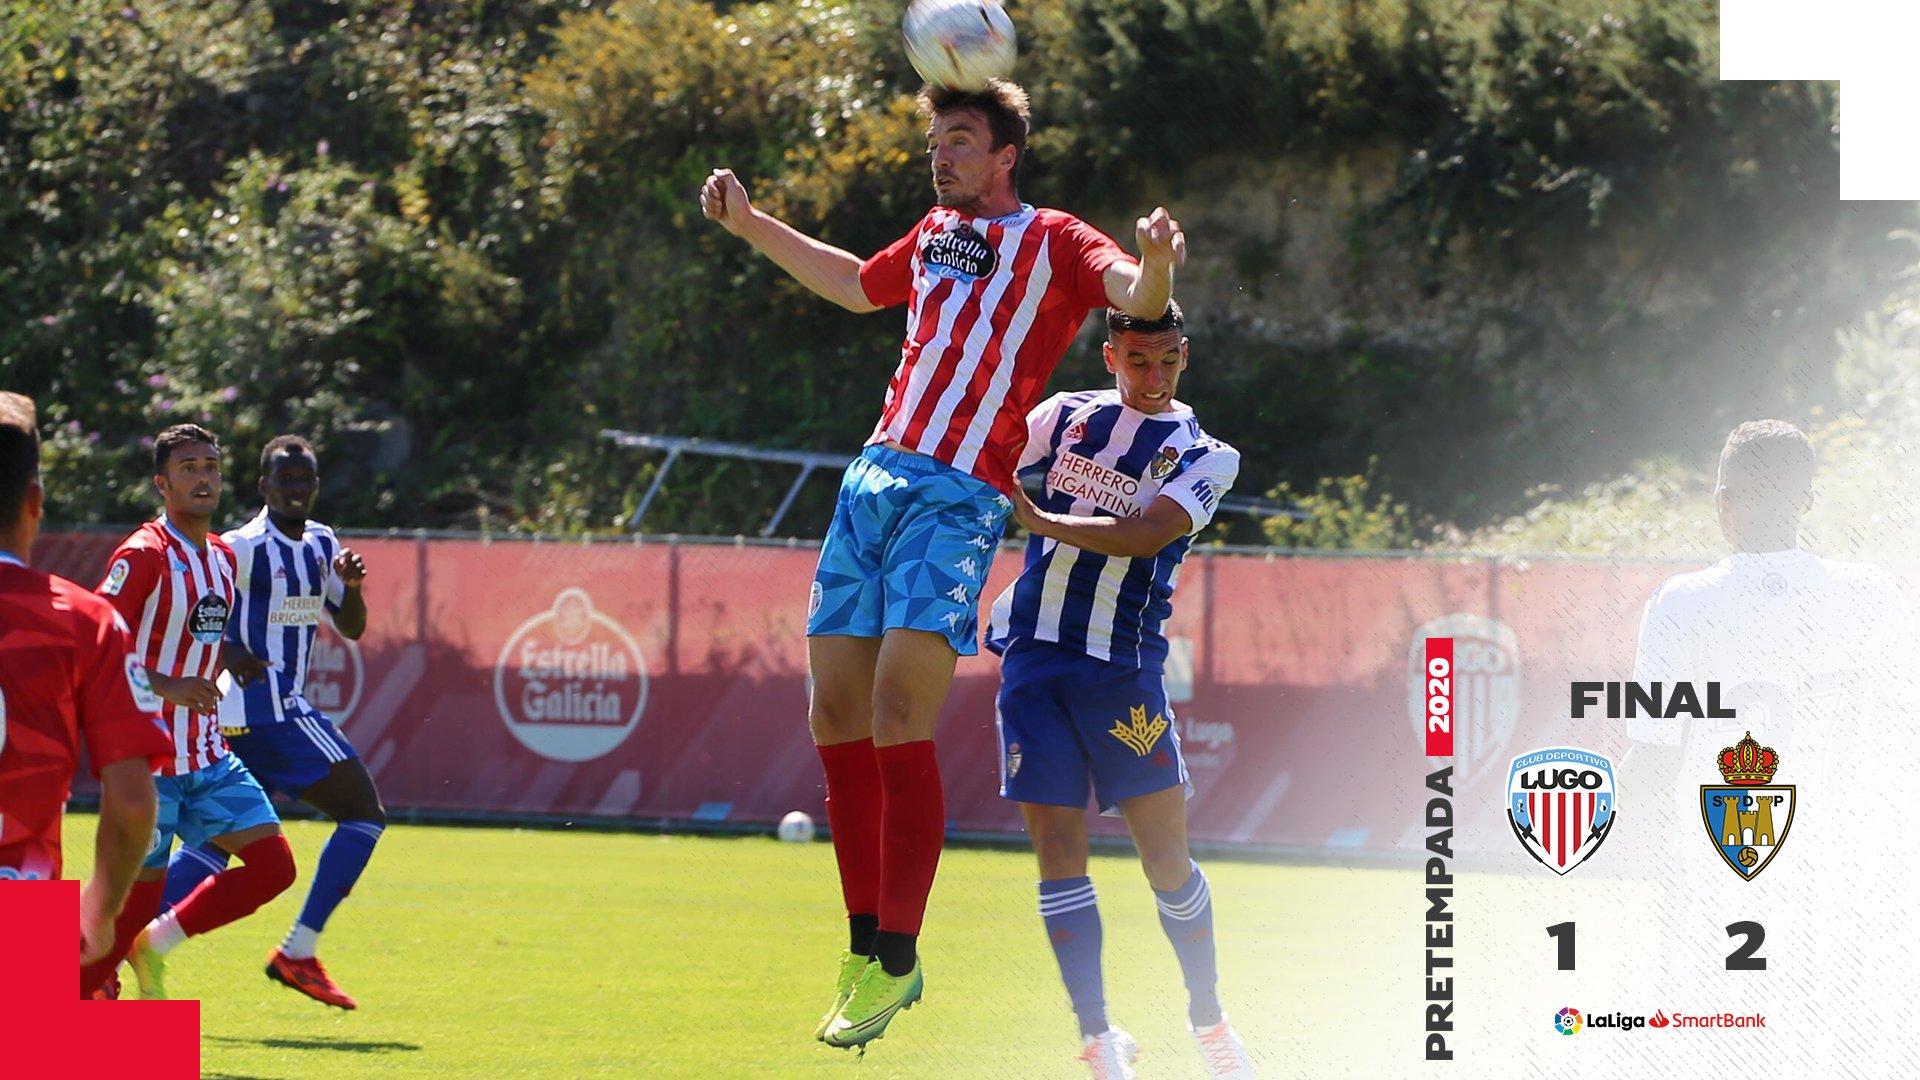 La Ponferradina inicia la pretemporada con victoria ante el Lugo en O Ceao (1-2) 2